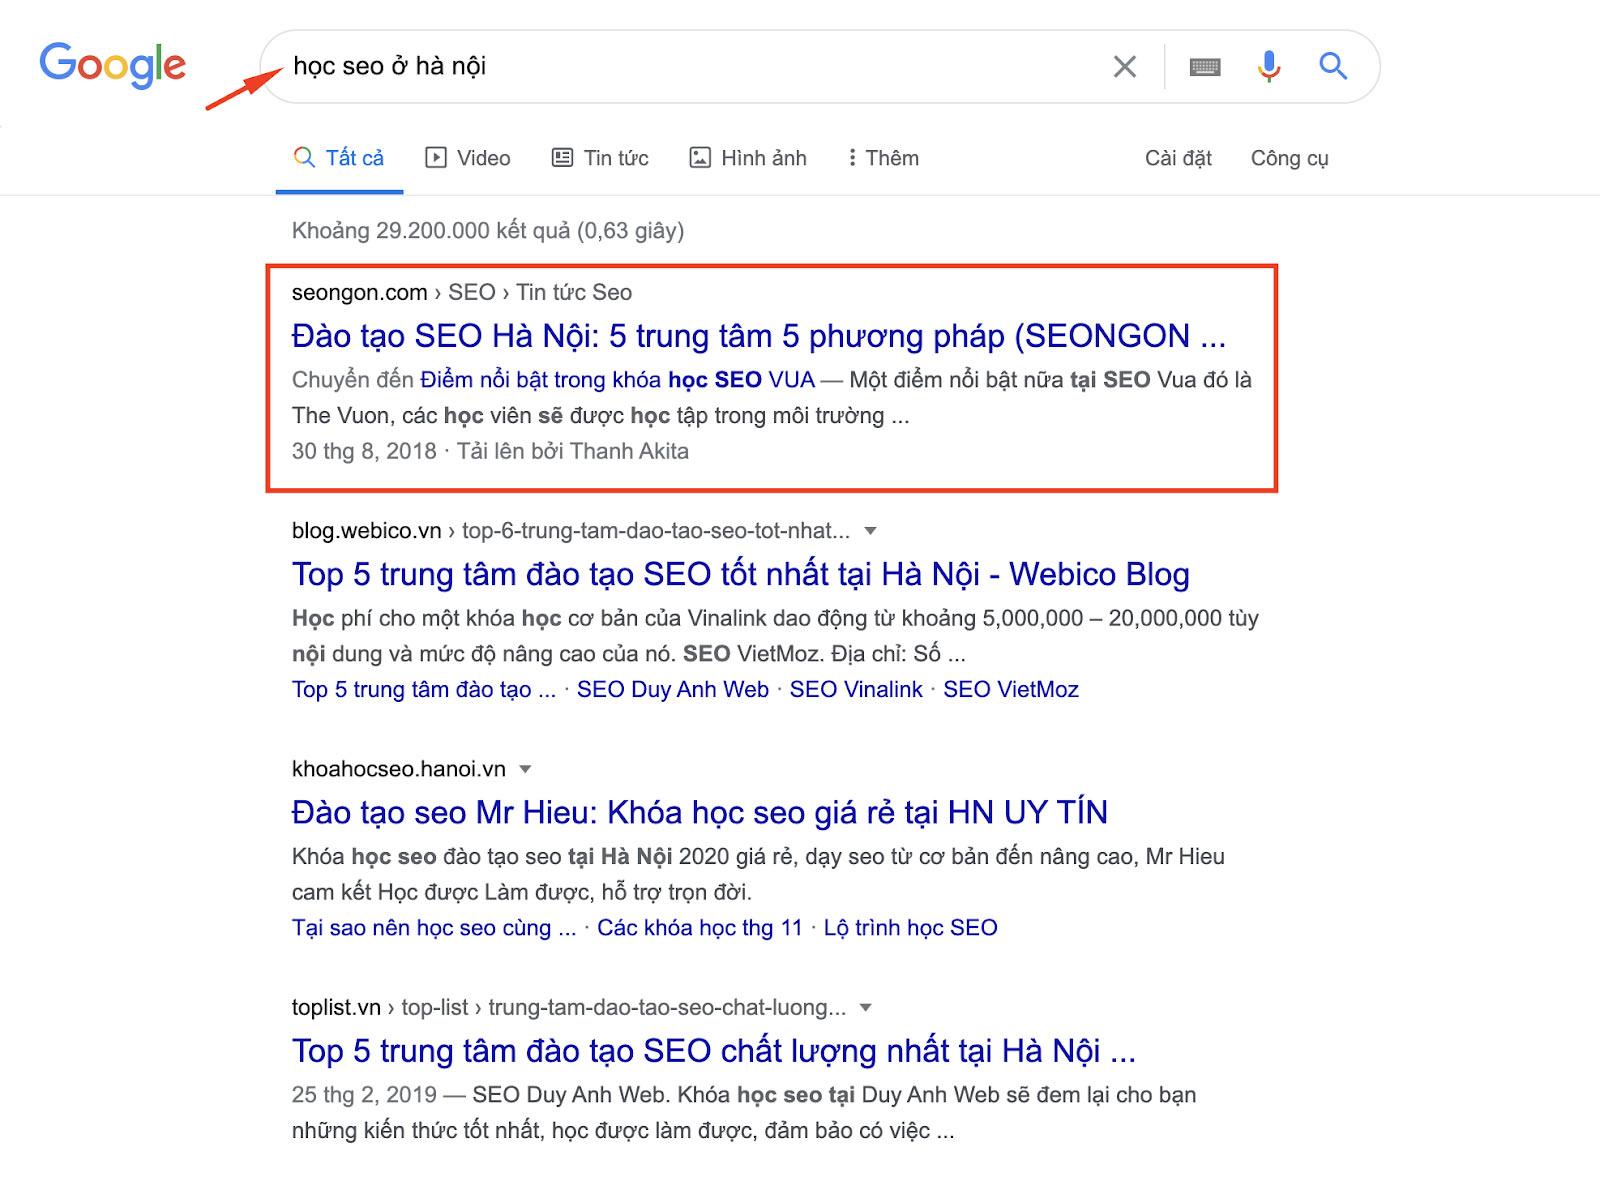 SEO Google là gì